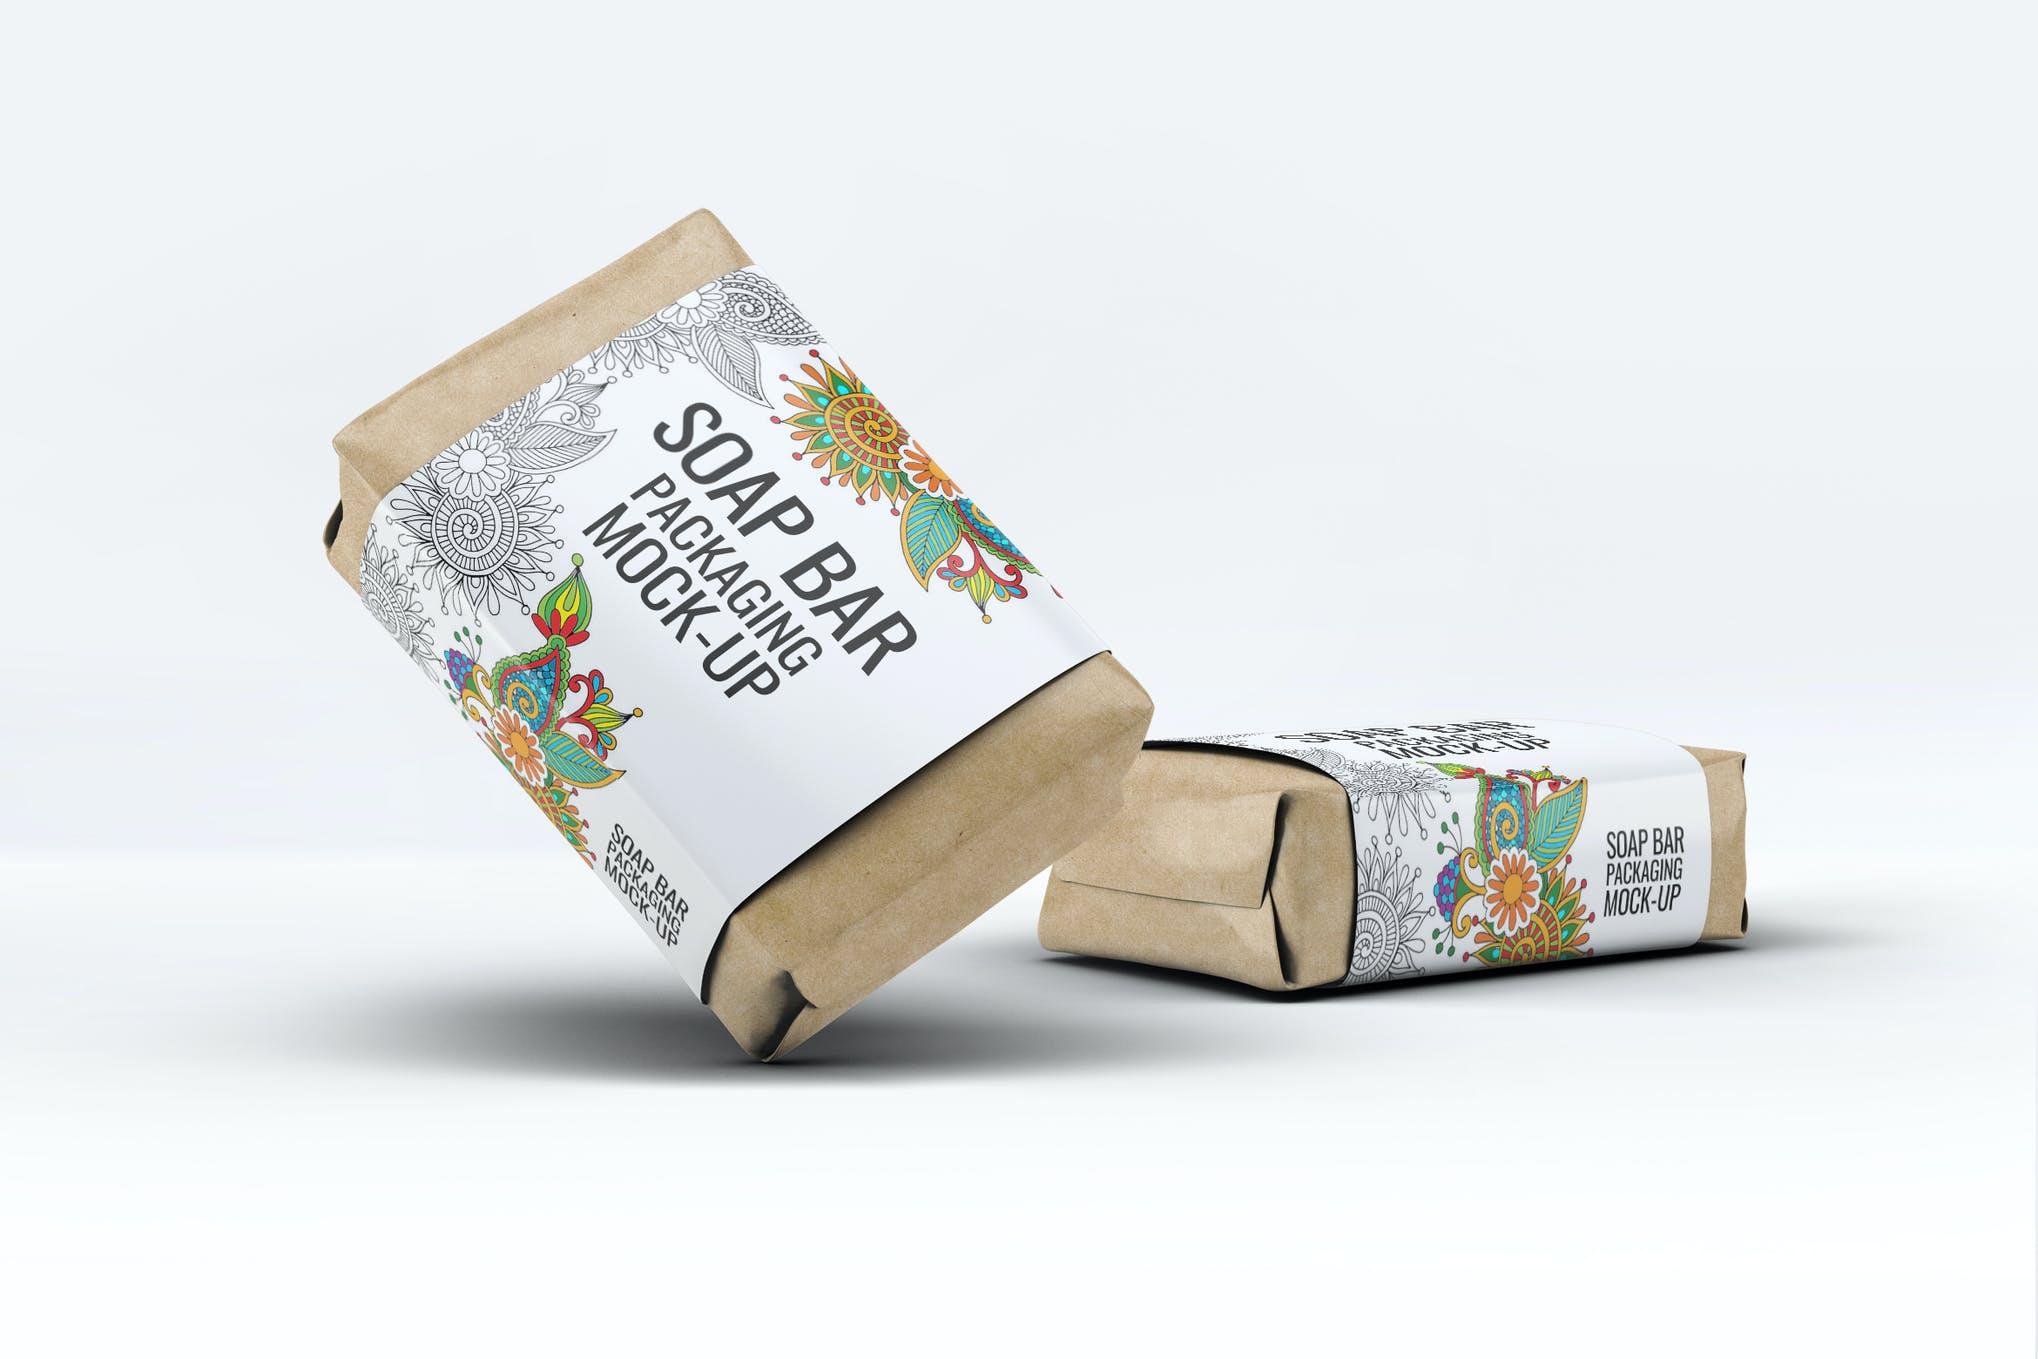 香皂纸包装样机效果图插图(1)